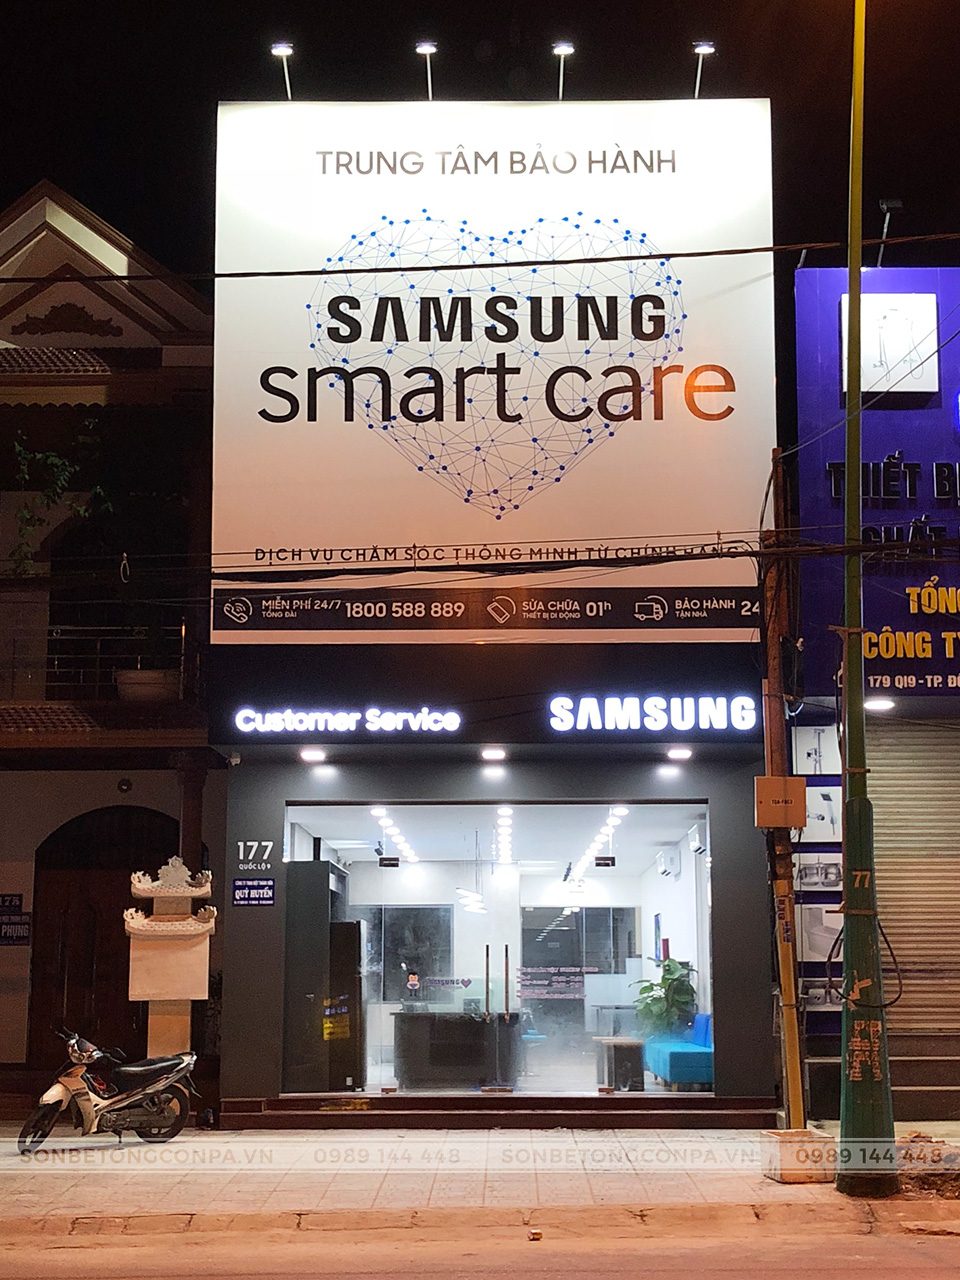 Trung tâm bảo hành Samsung smart care tại Quảng Trị